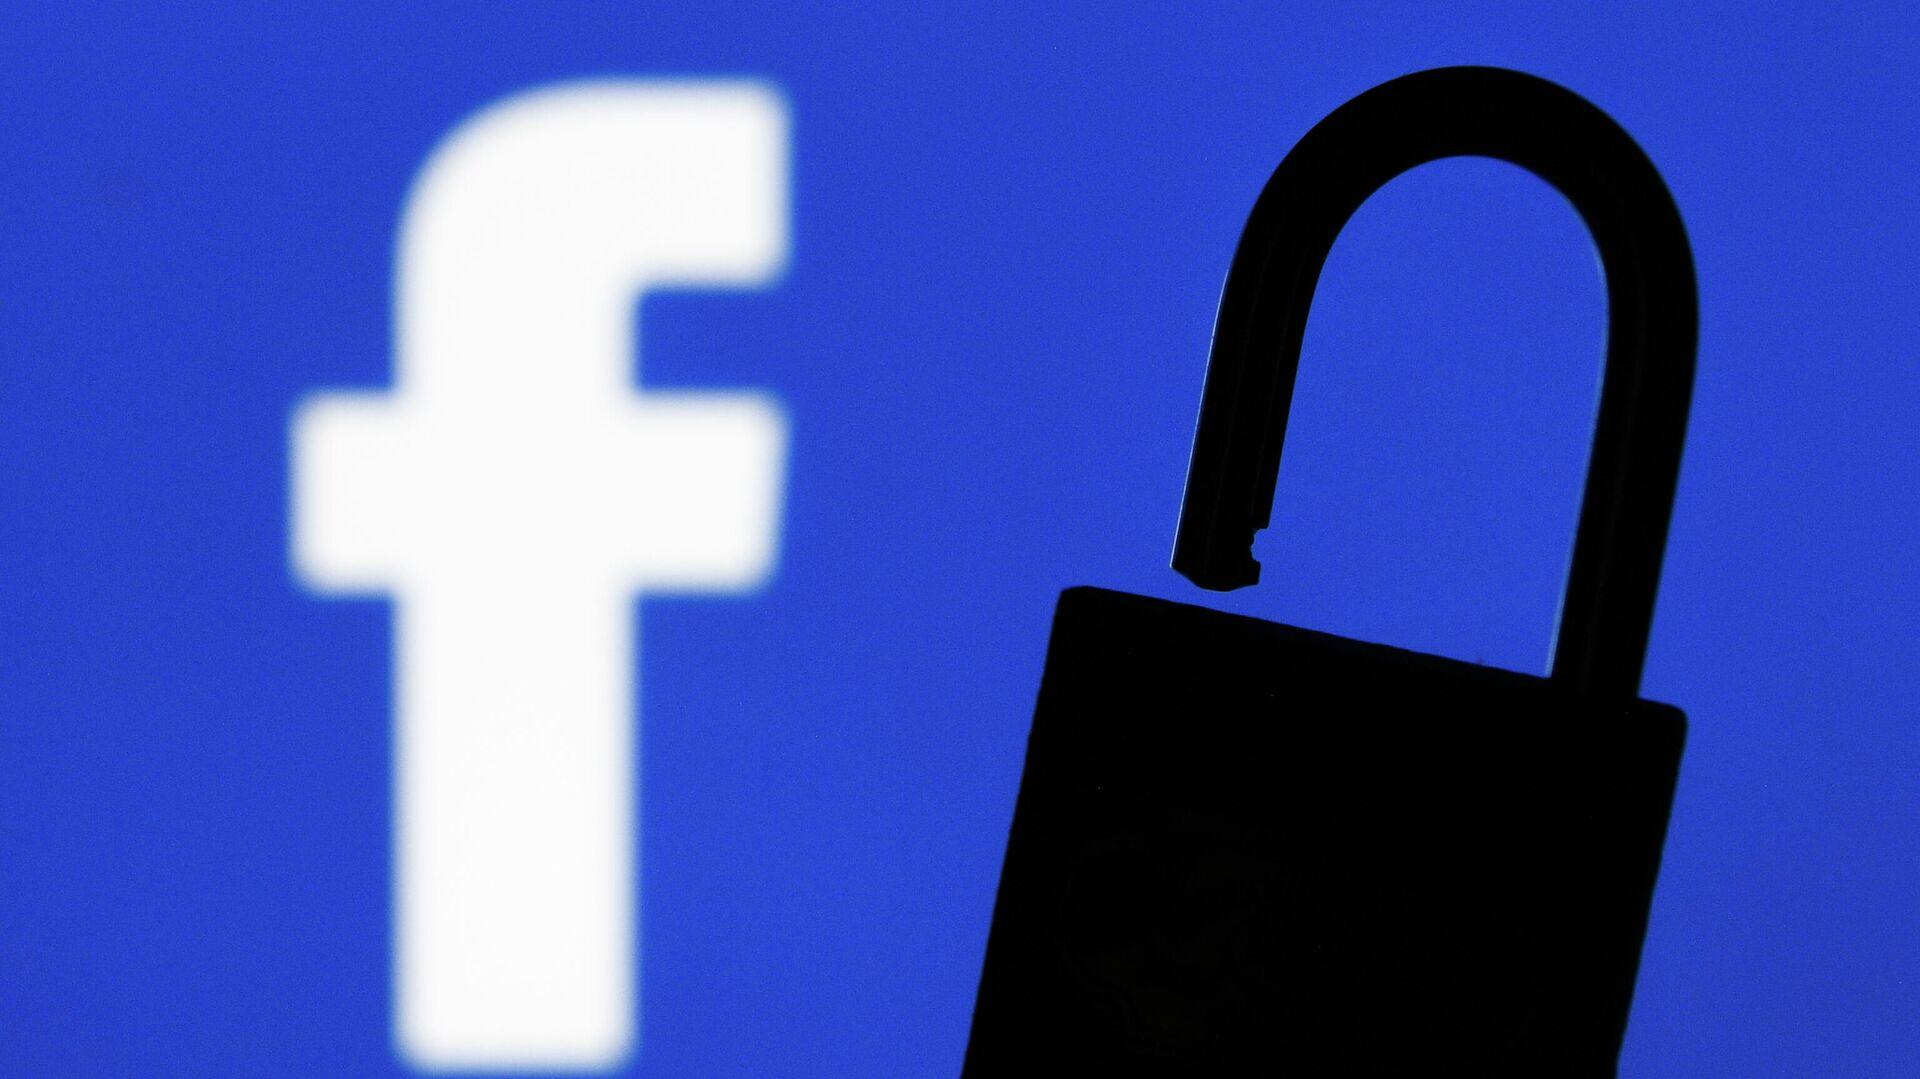 Cоциальная сеть Facebook - Sputnik Беларусь, 1920, 05.10.2021